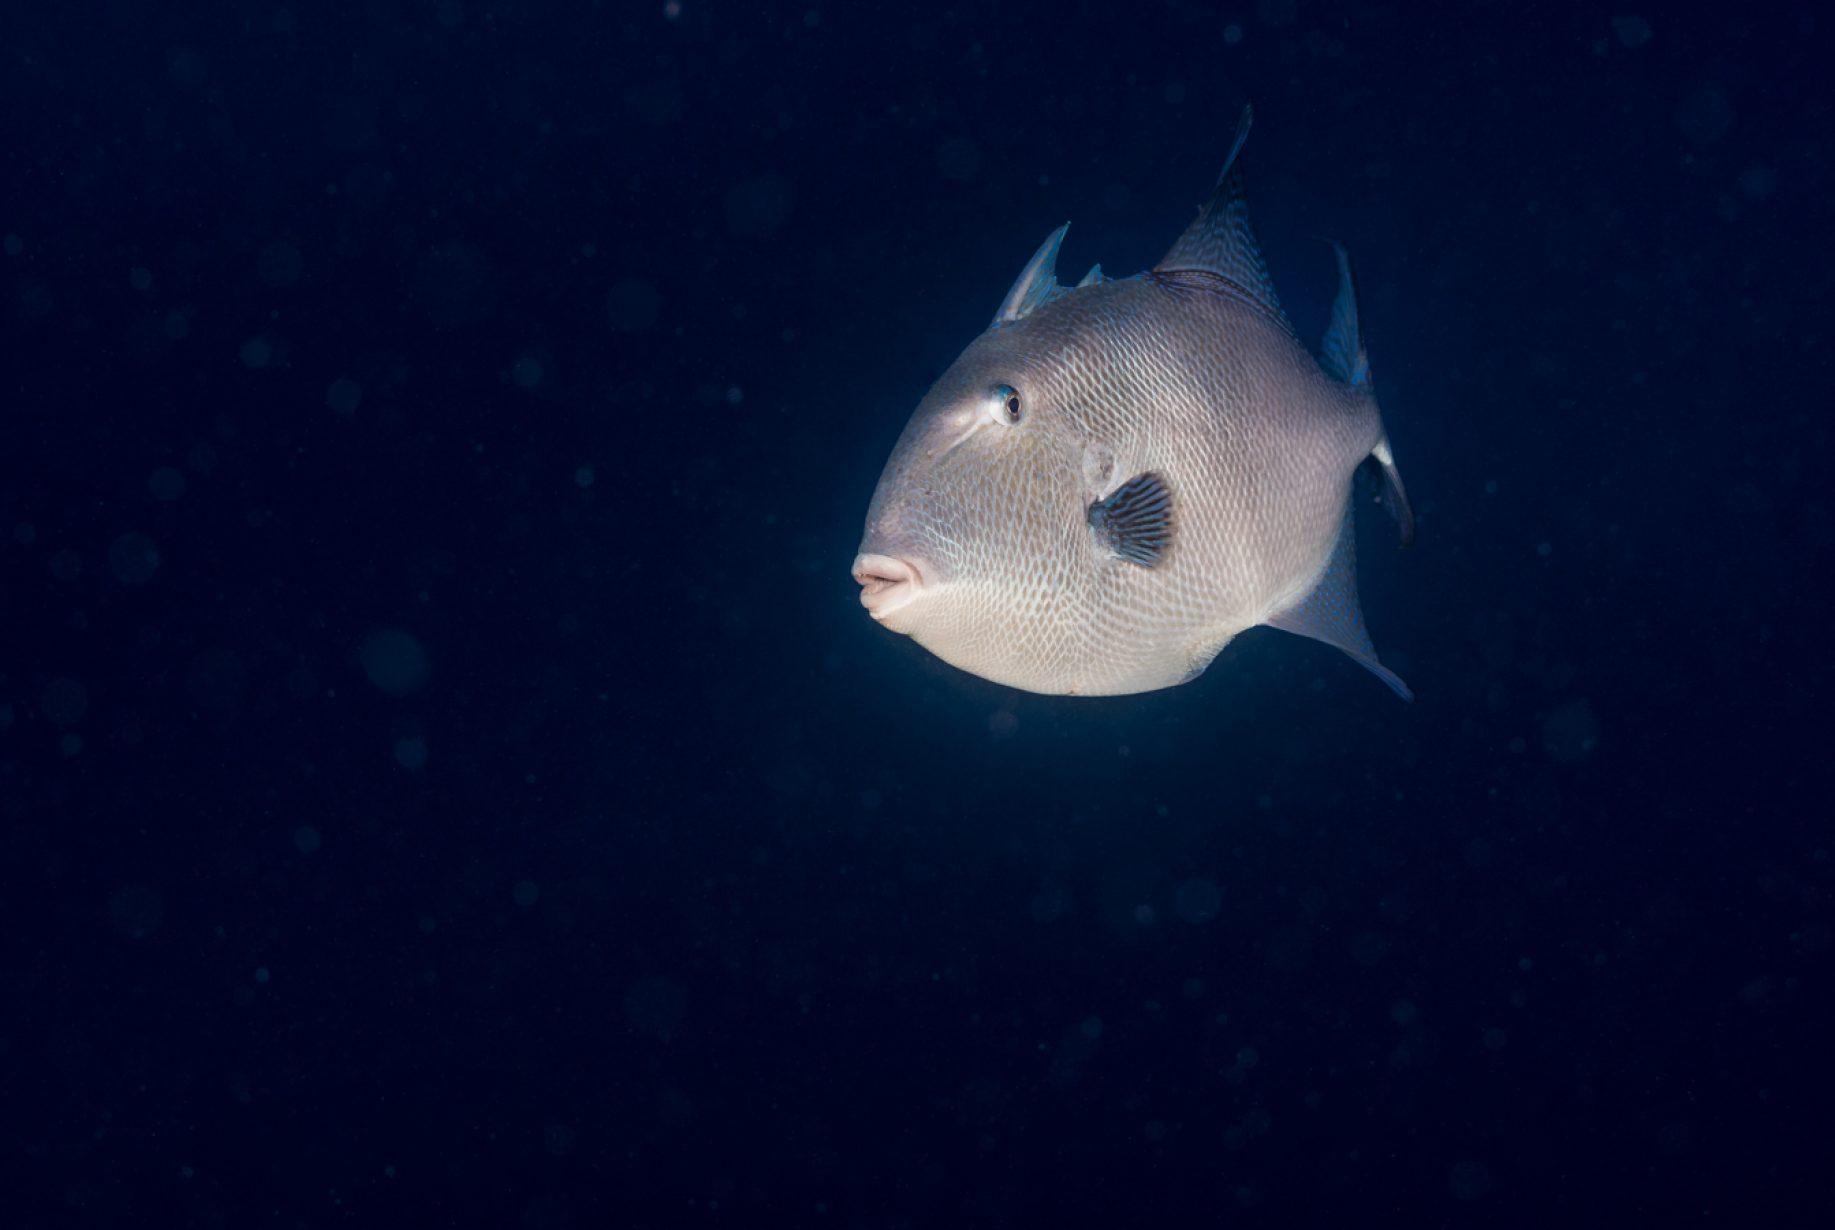 Los pejepuercos, peces ballesta o Balistidae es una familia de peces coloridos. Frecuentemente tienen rayas y manchas y habitan las aguas cálidas costeñas del Océano Atlántico, Mar Mediterráneo, y el Océano Índico-Pacífico.